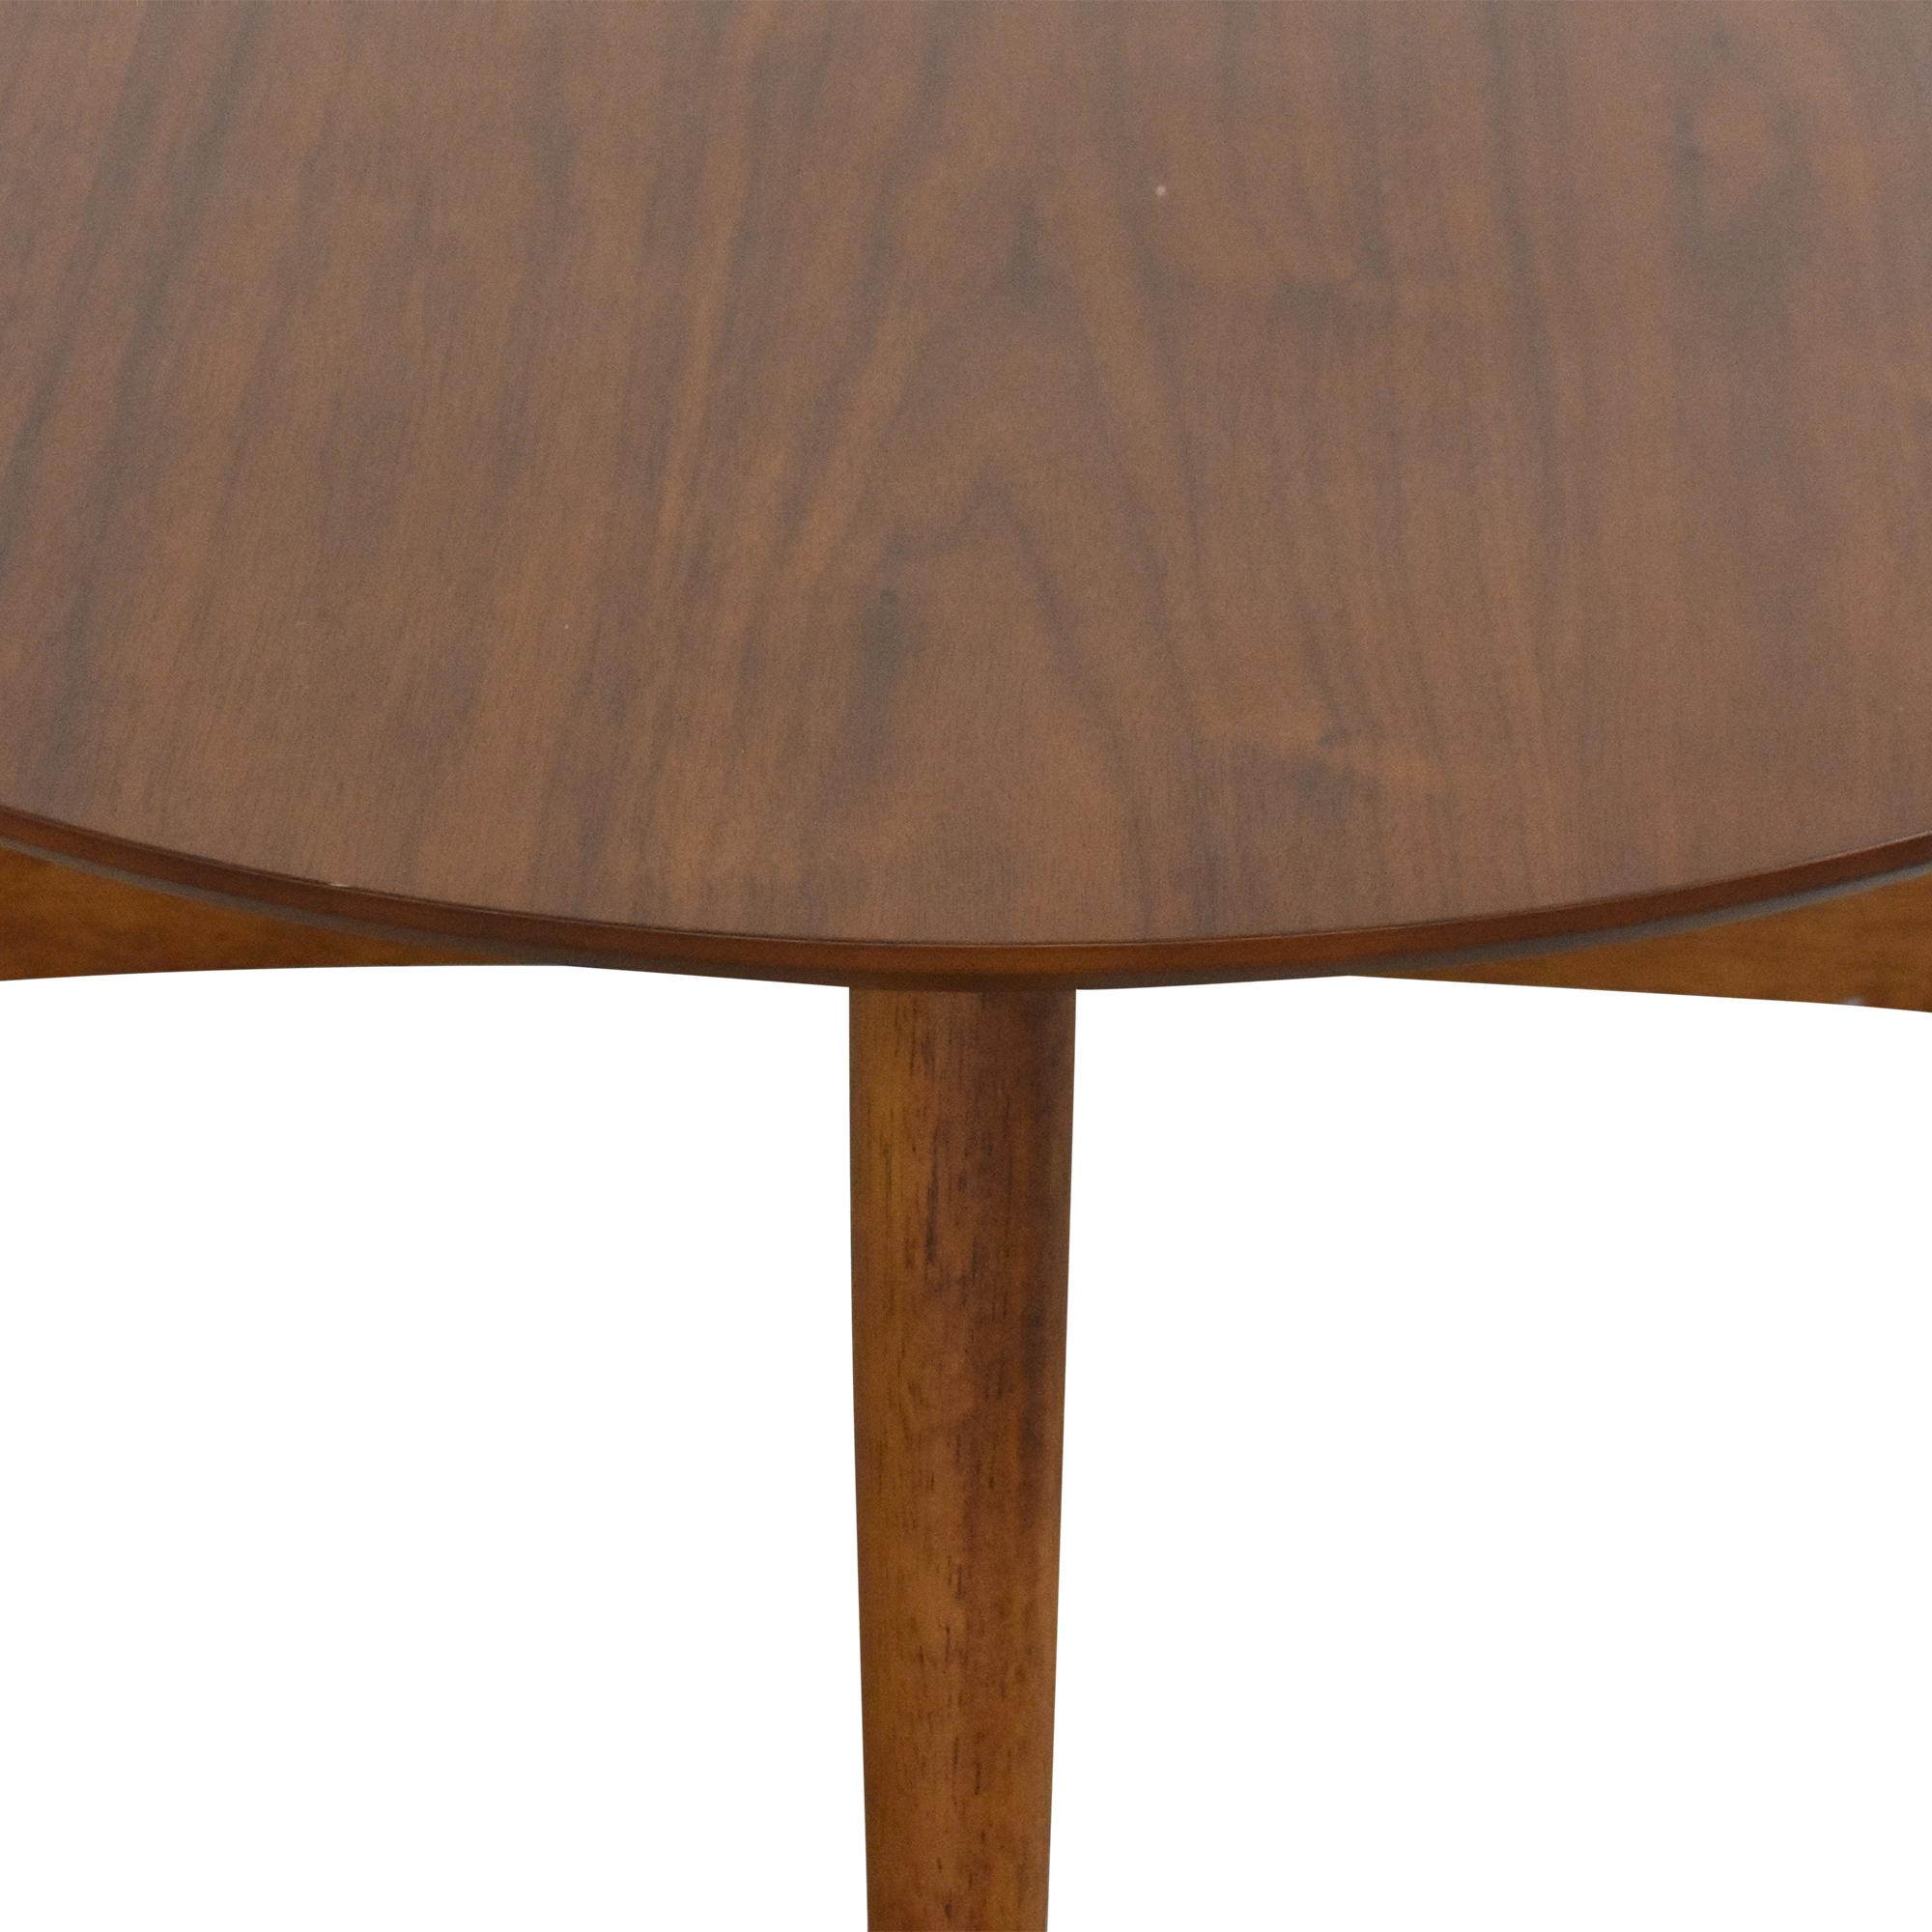 West Elm West Elm Reeve Mid-Century Coffee Table used